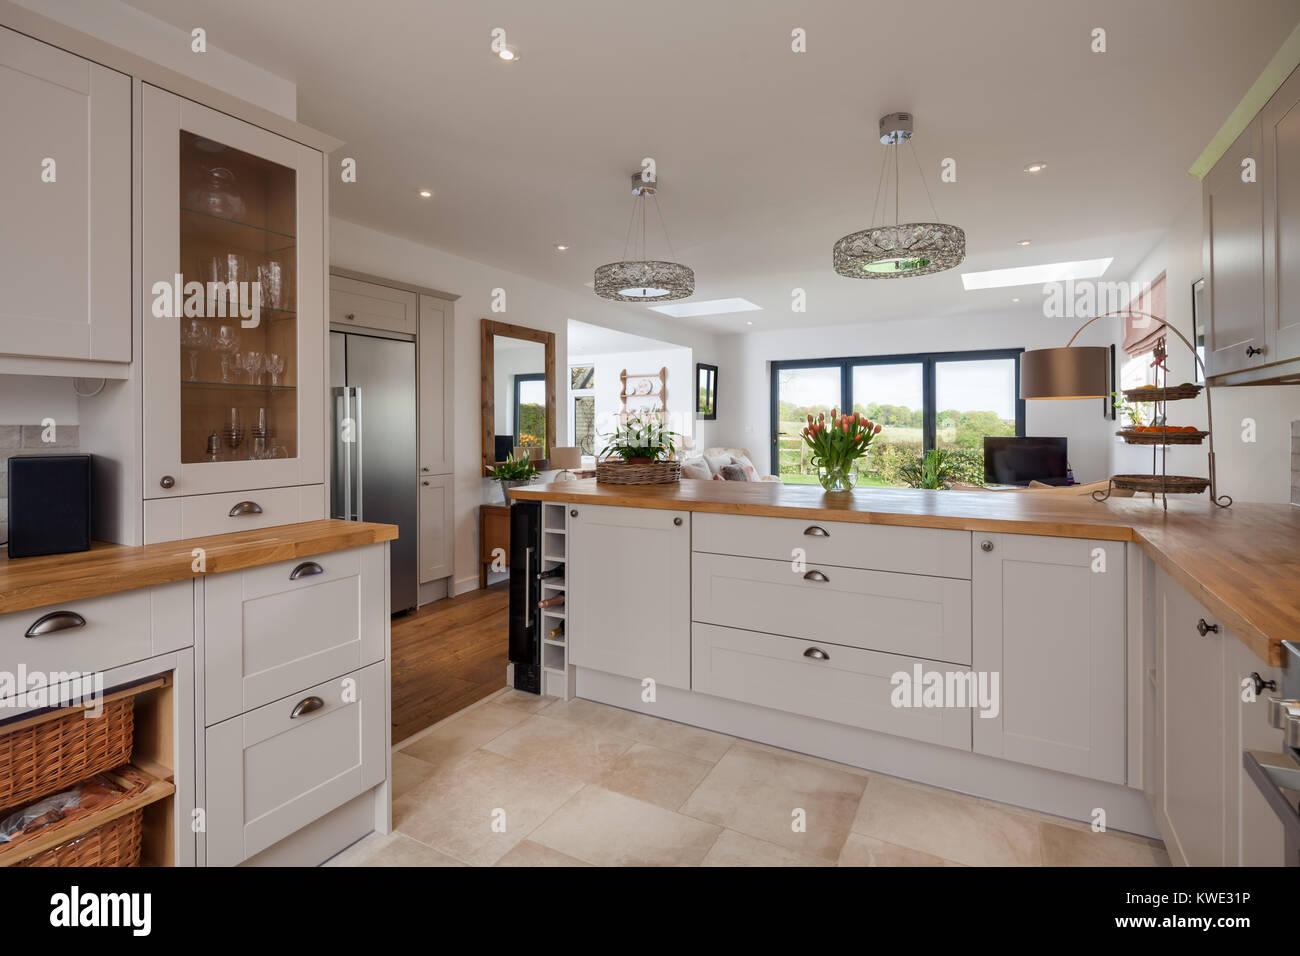 Kühlschrank Schubladen : Wohn familienzimmer offen wie von der küche mit eingebauter geräte